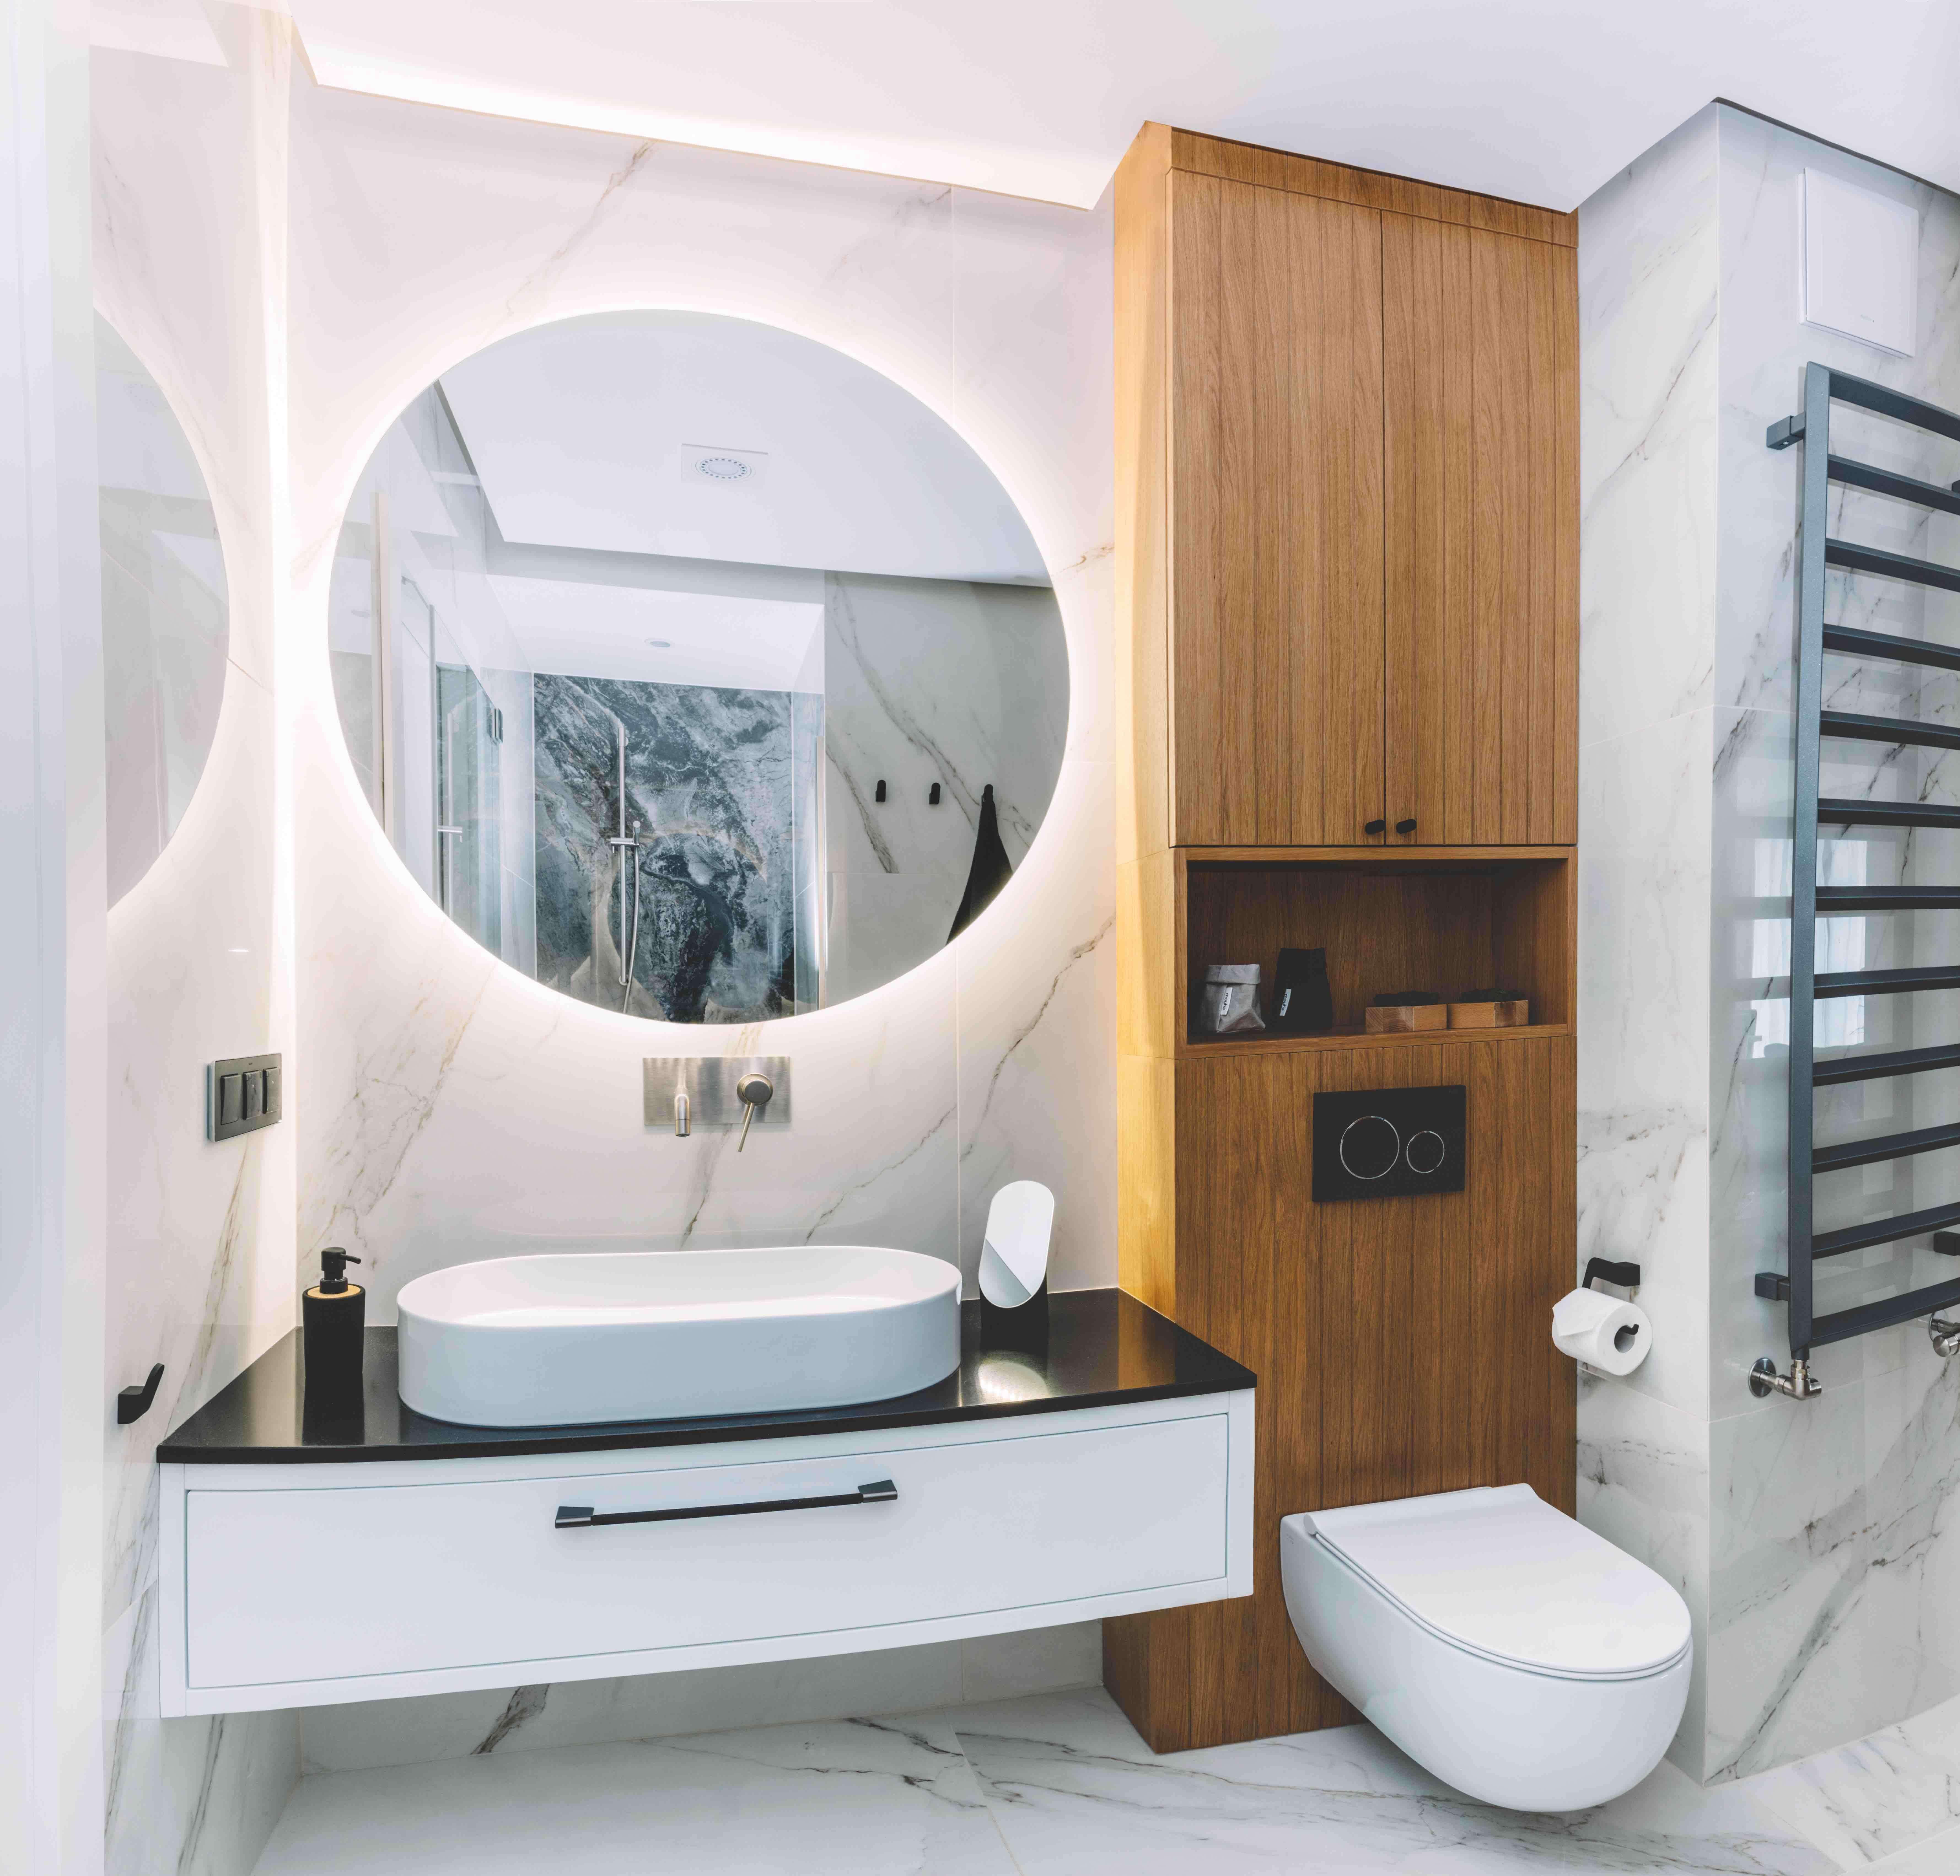 iluminacion LED para el hogar y baño